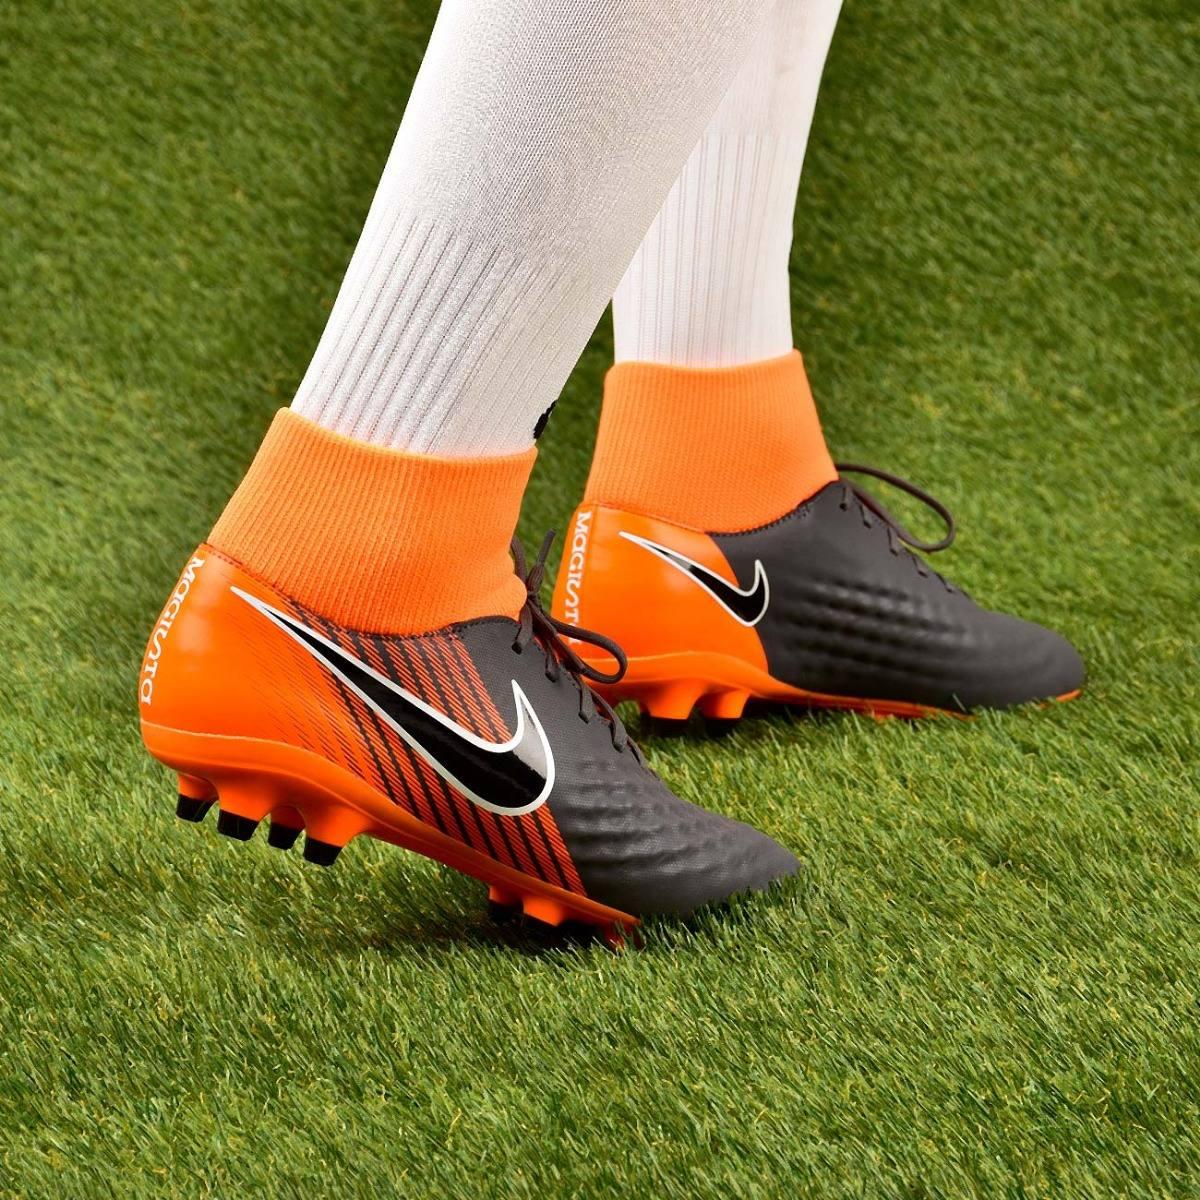 ... low cost Nike Futbol Obra 2 Academy Df Fg Ah7303 080 - 45.000 en  Mercado Libre ... 6169d46847c1a